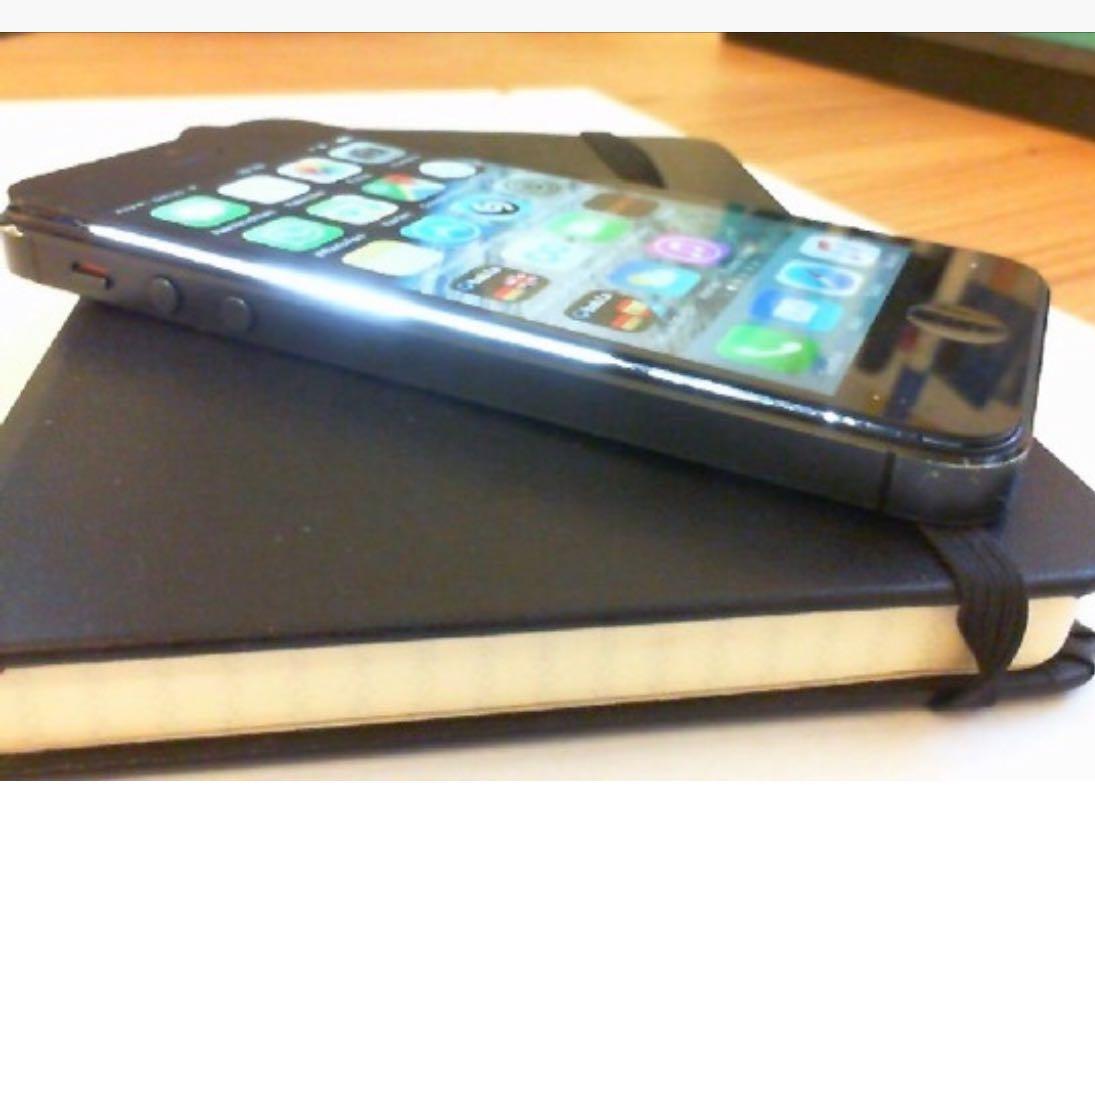 Iphone schaltet sich ab und geht nicht mehr an